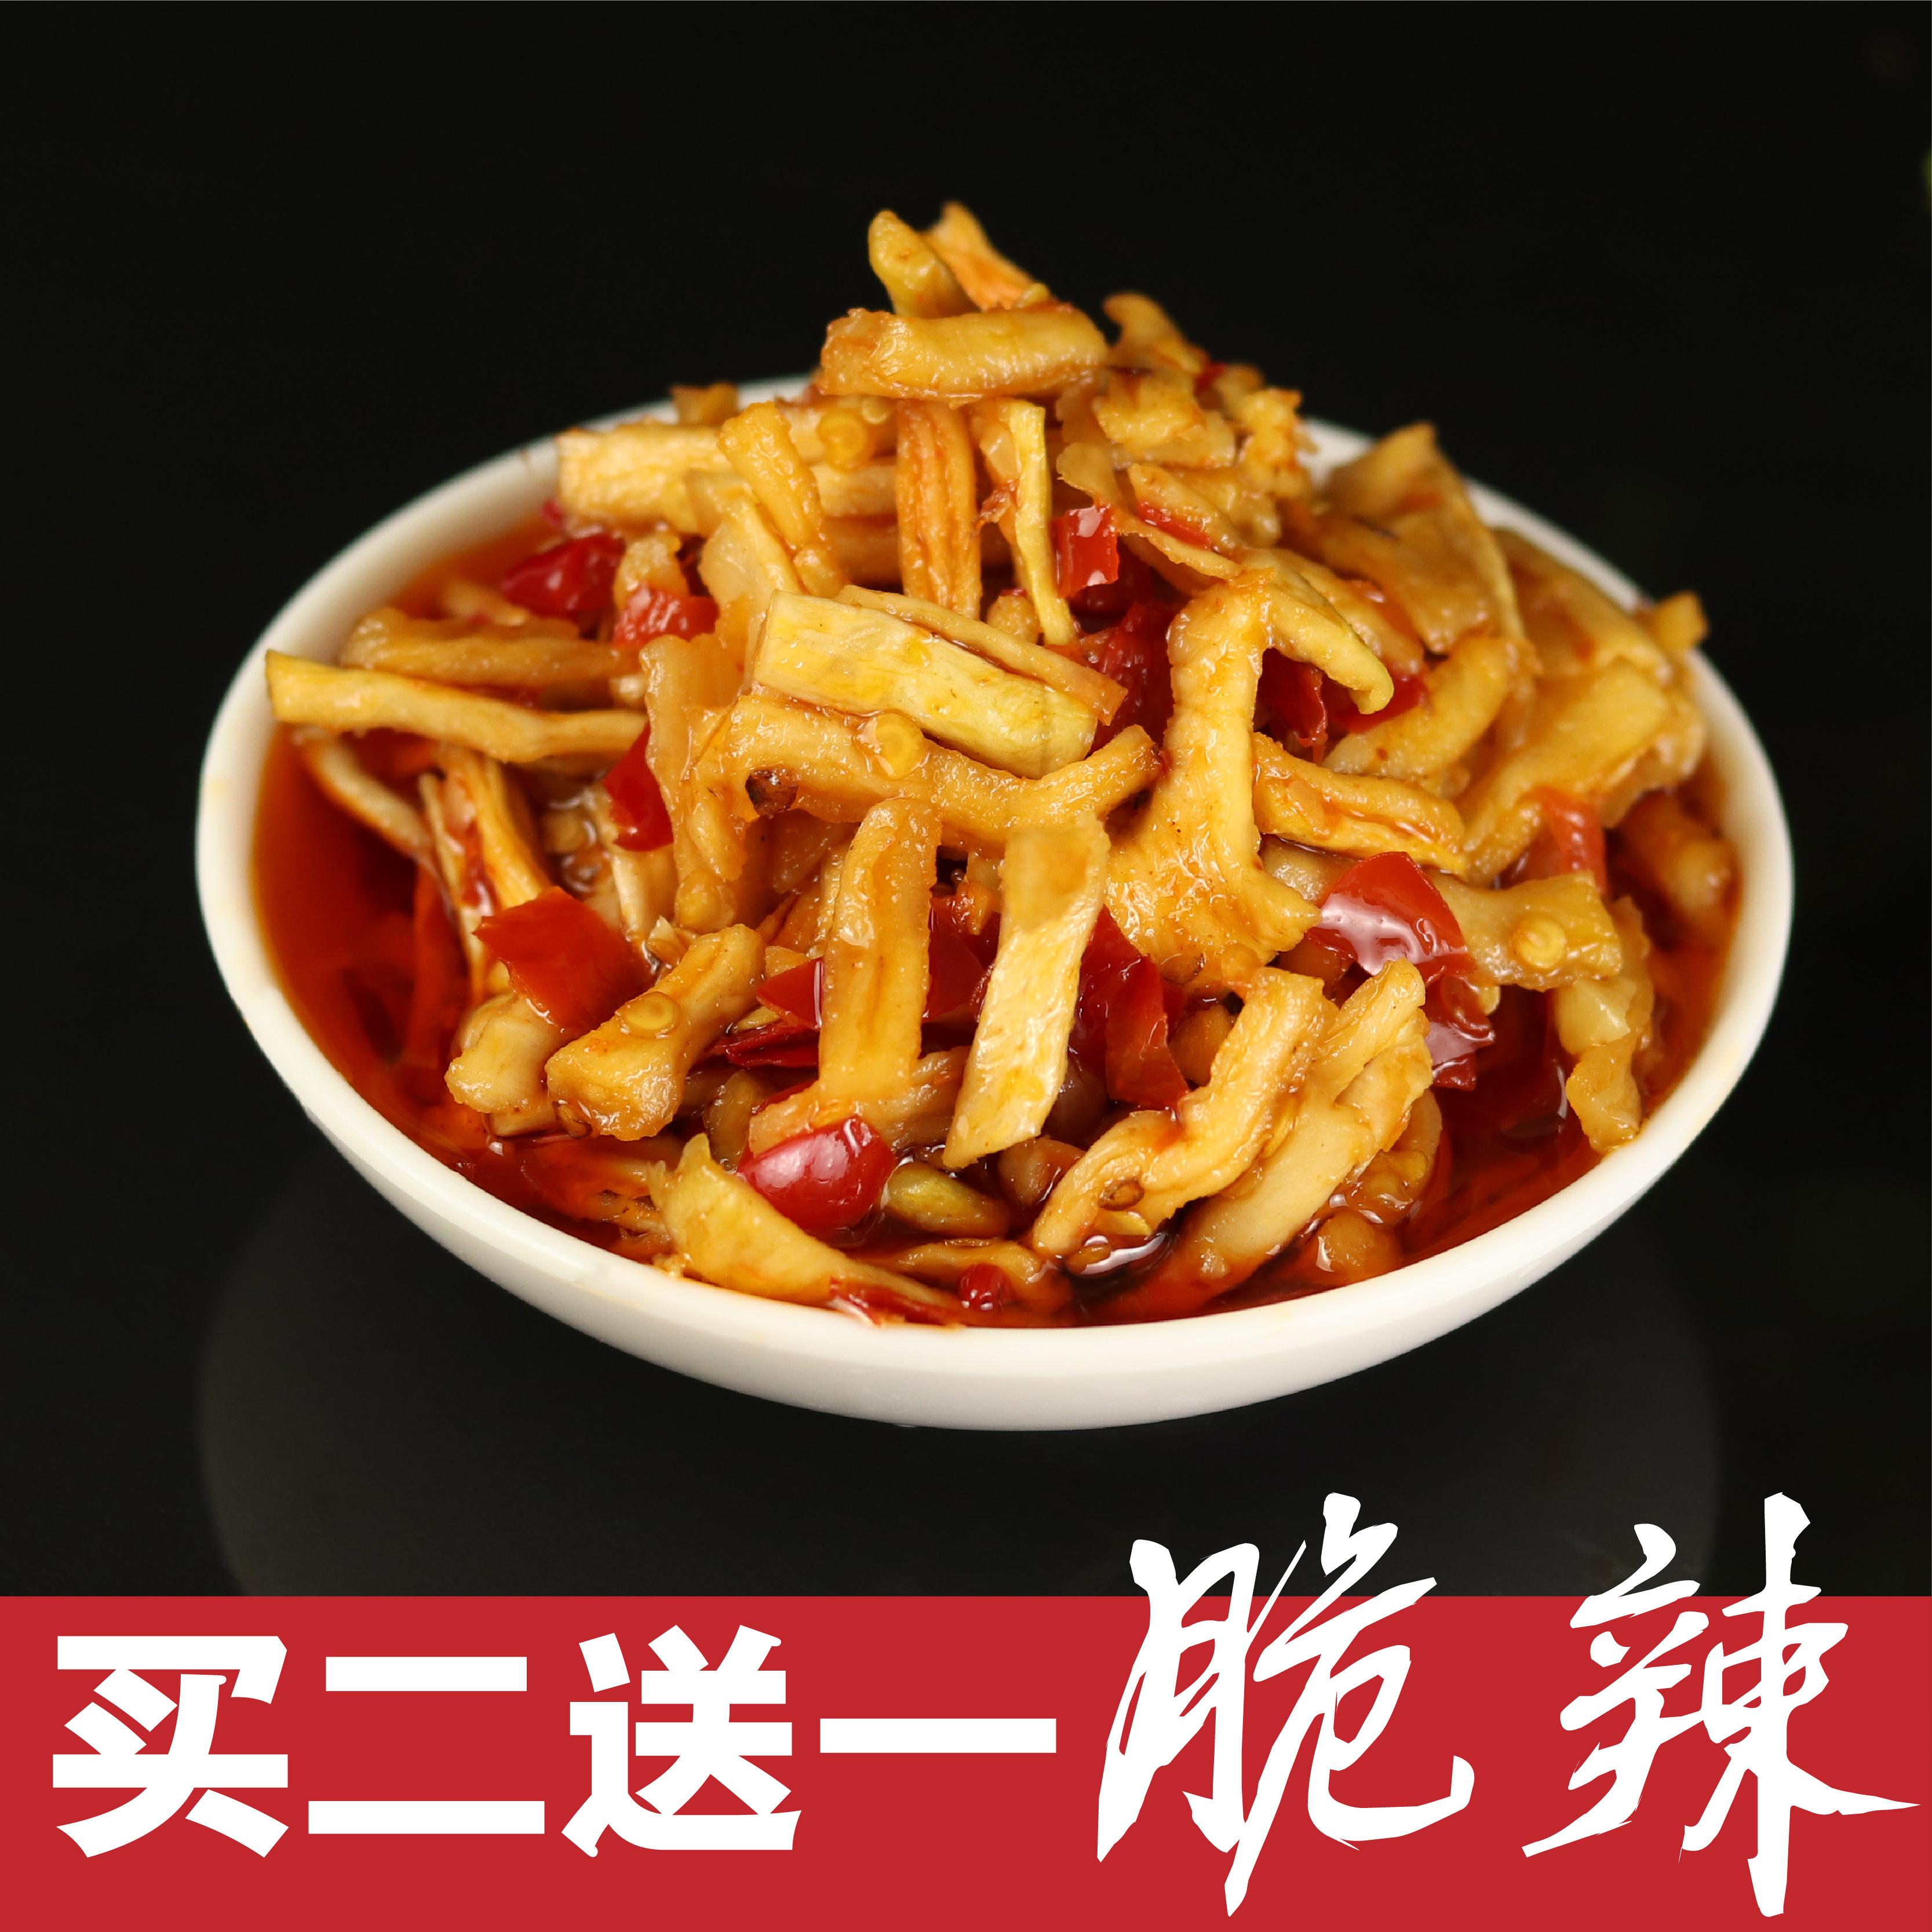 湖南特产自制农家饭扫光香辣萝卜丁11-30新券